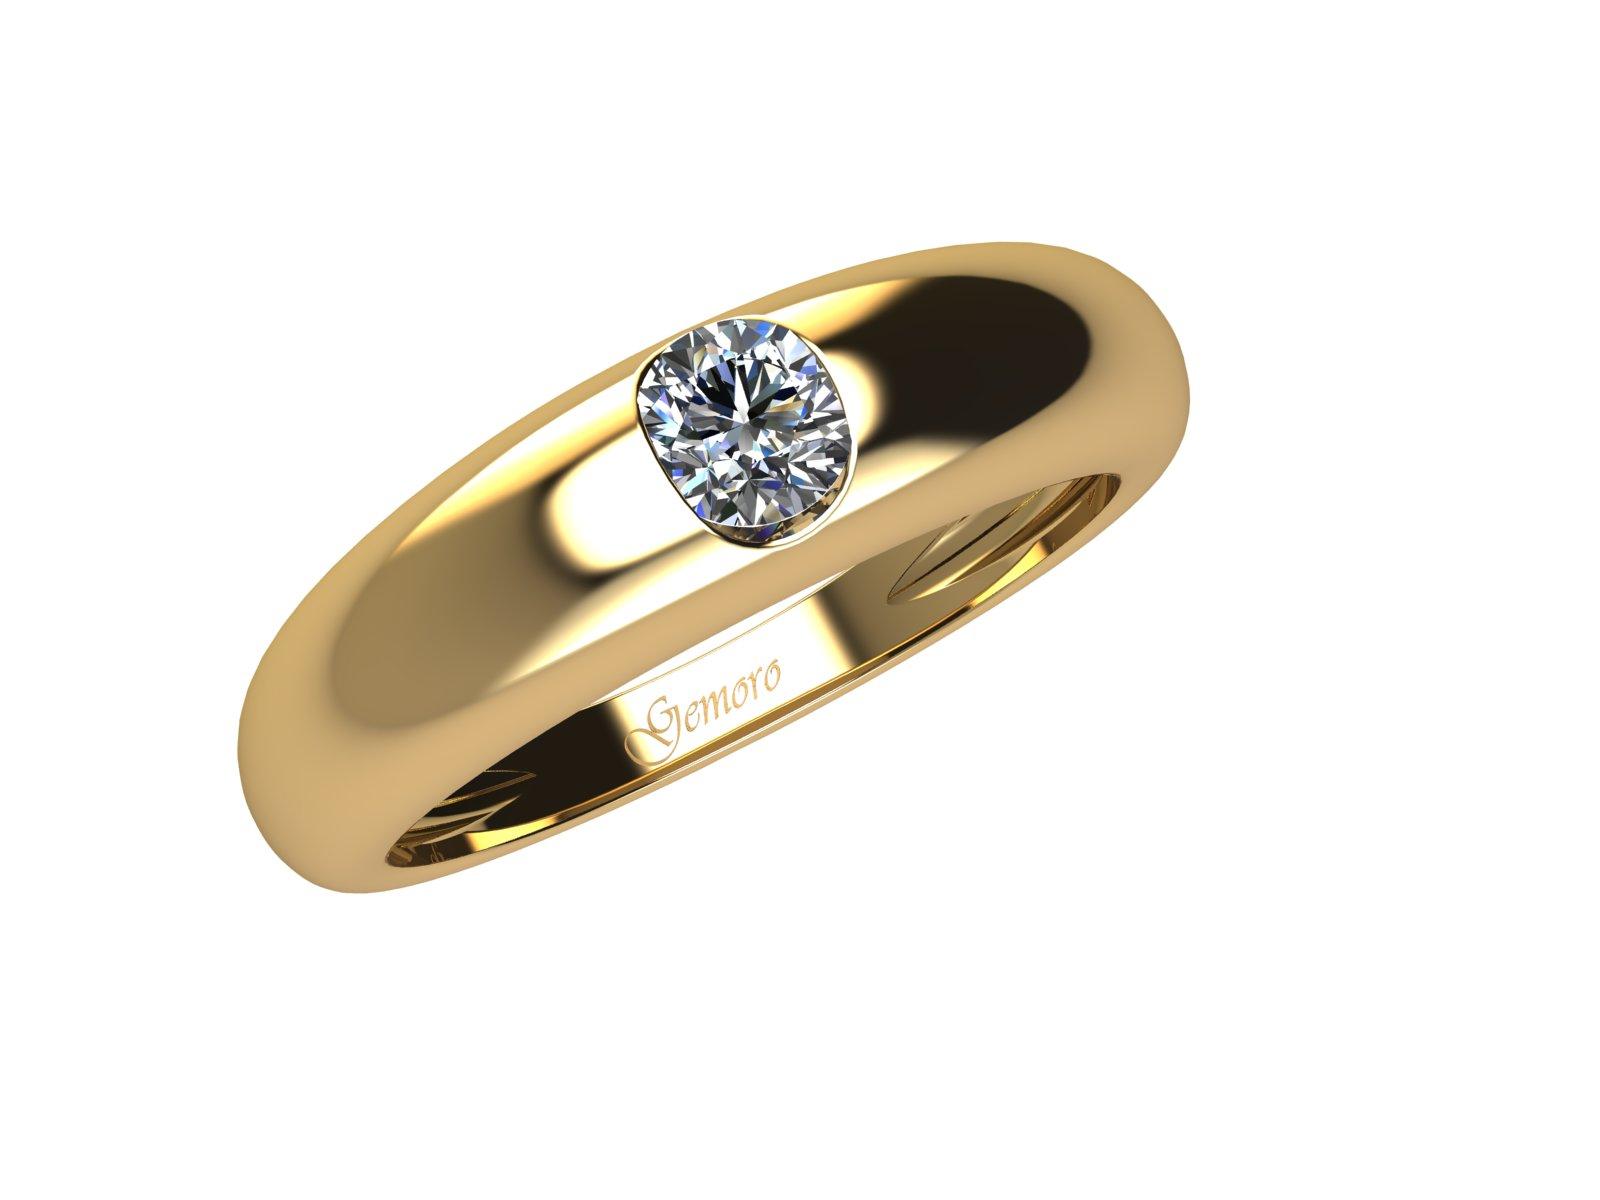 SS737GIA.08 – Anello in oro giallo 18kt con Diamante Naturale taglio Brillante